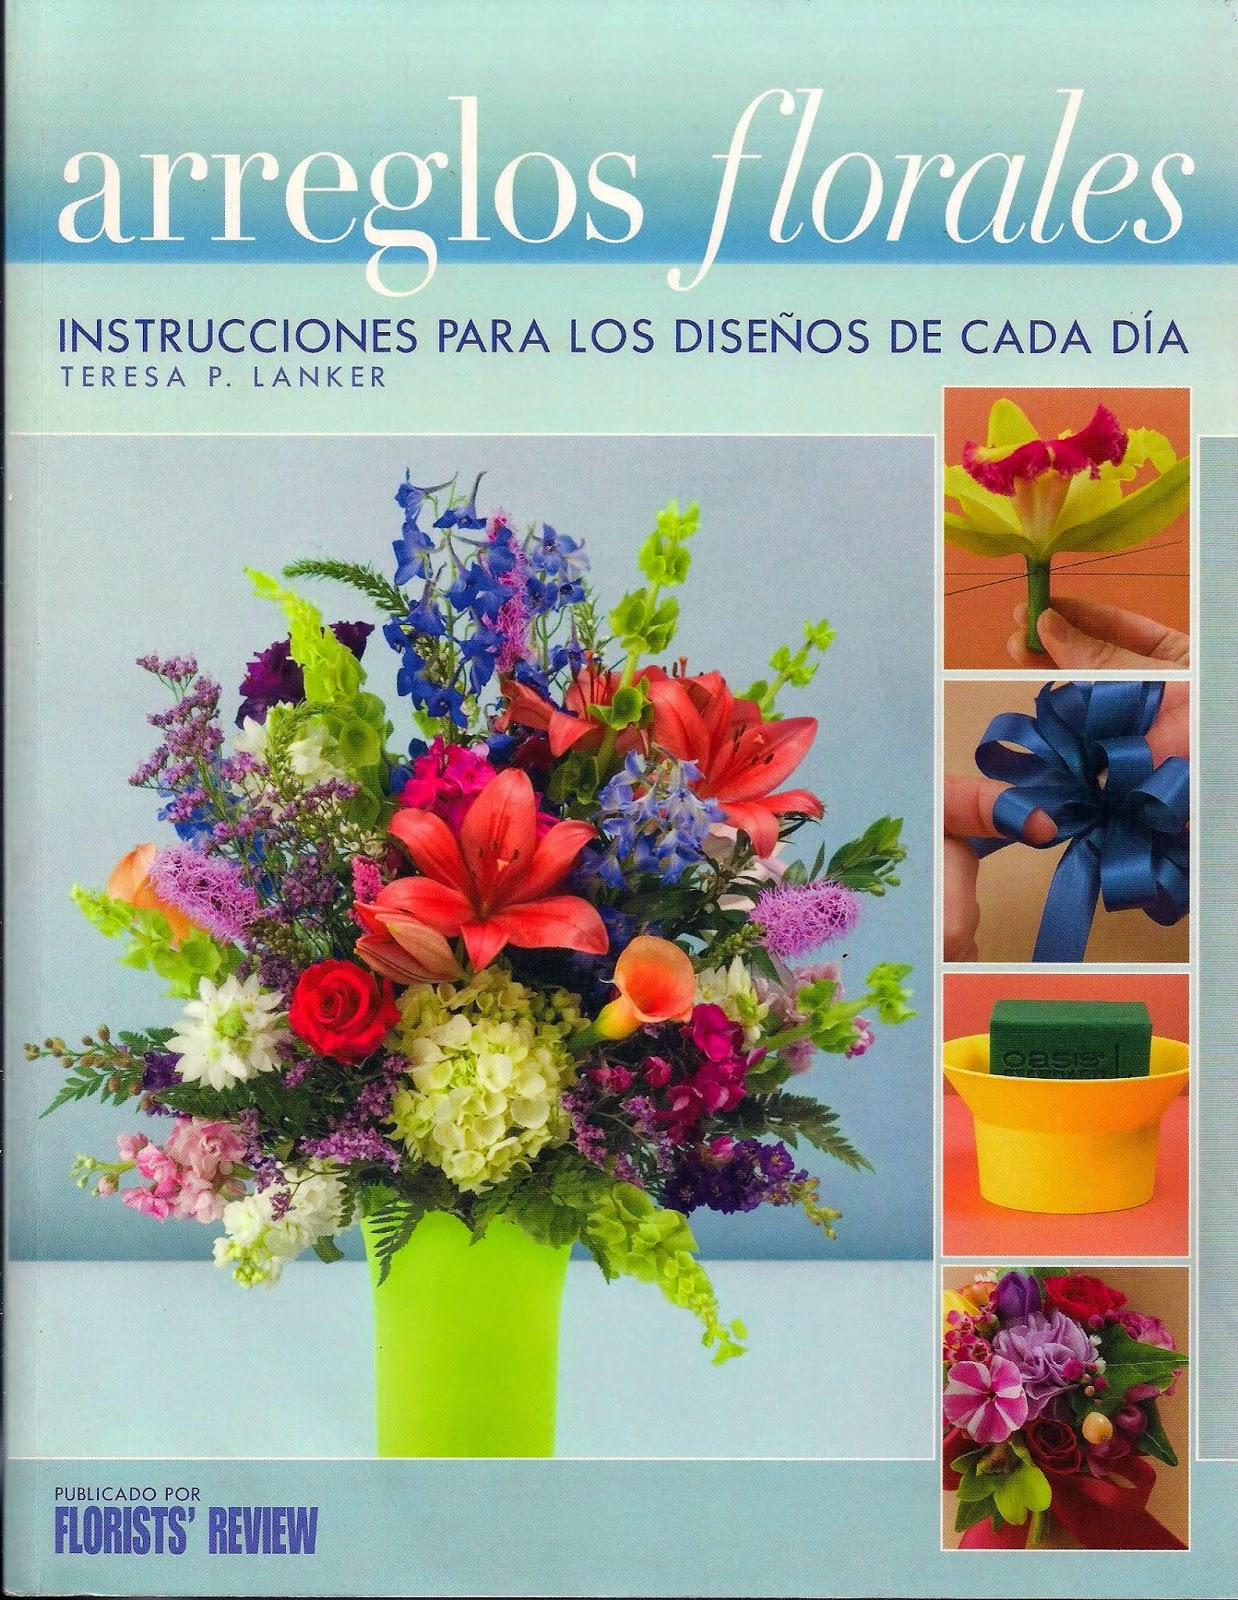 1b9b88276da Powered by APG vNext Trial - Arreglos Florales - Revistas de ...